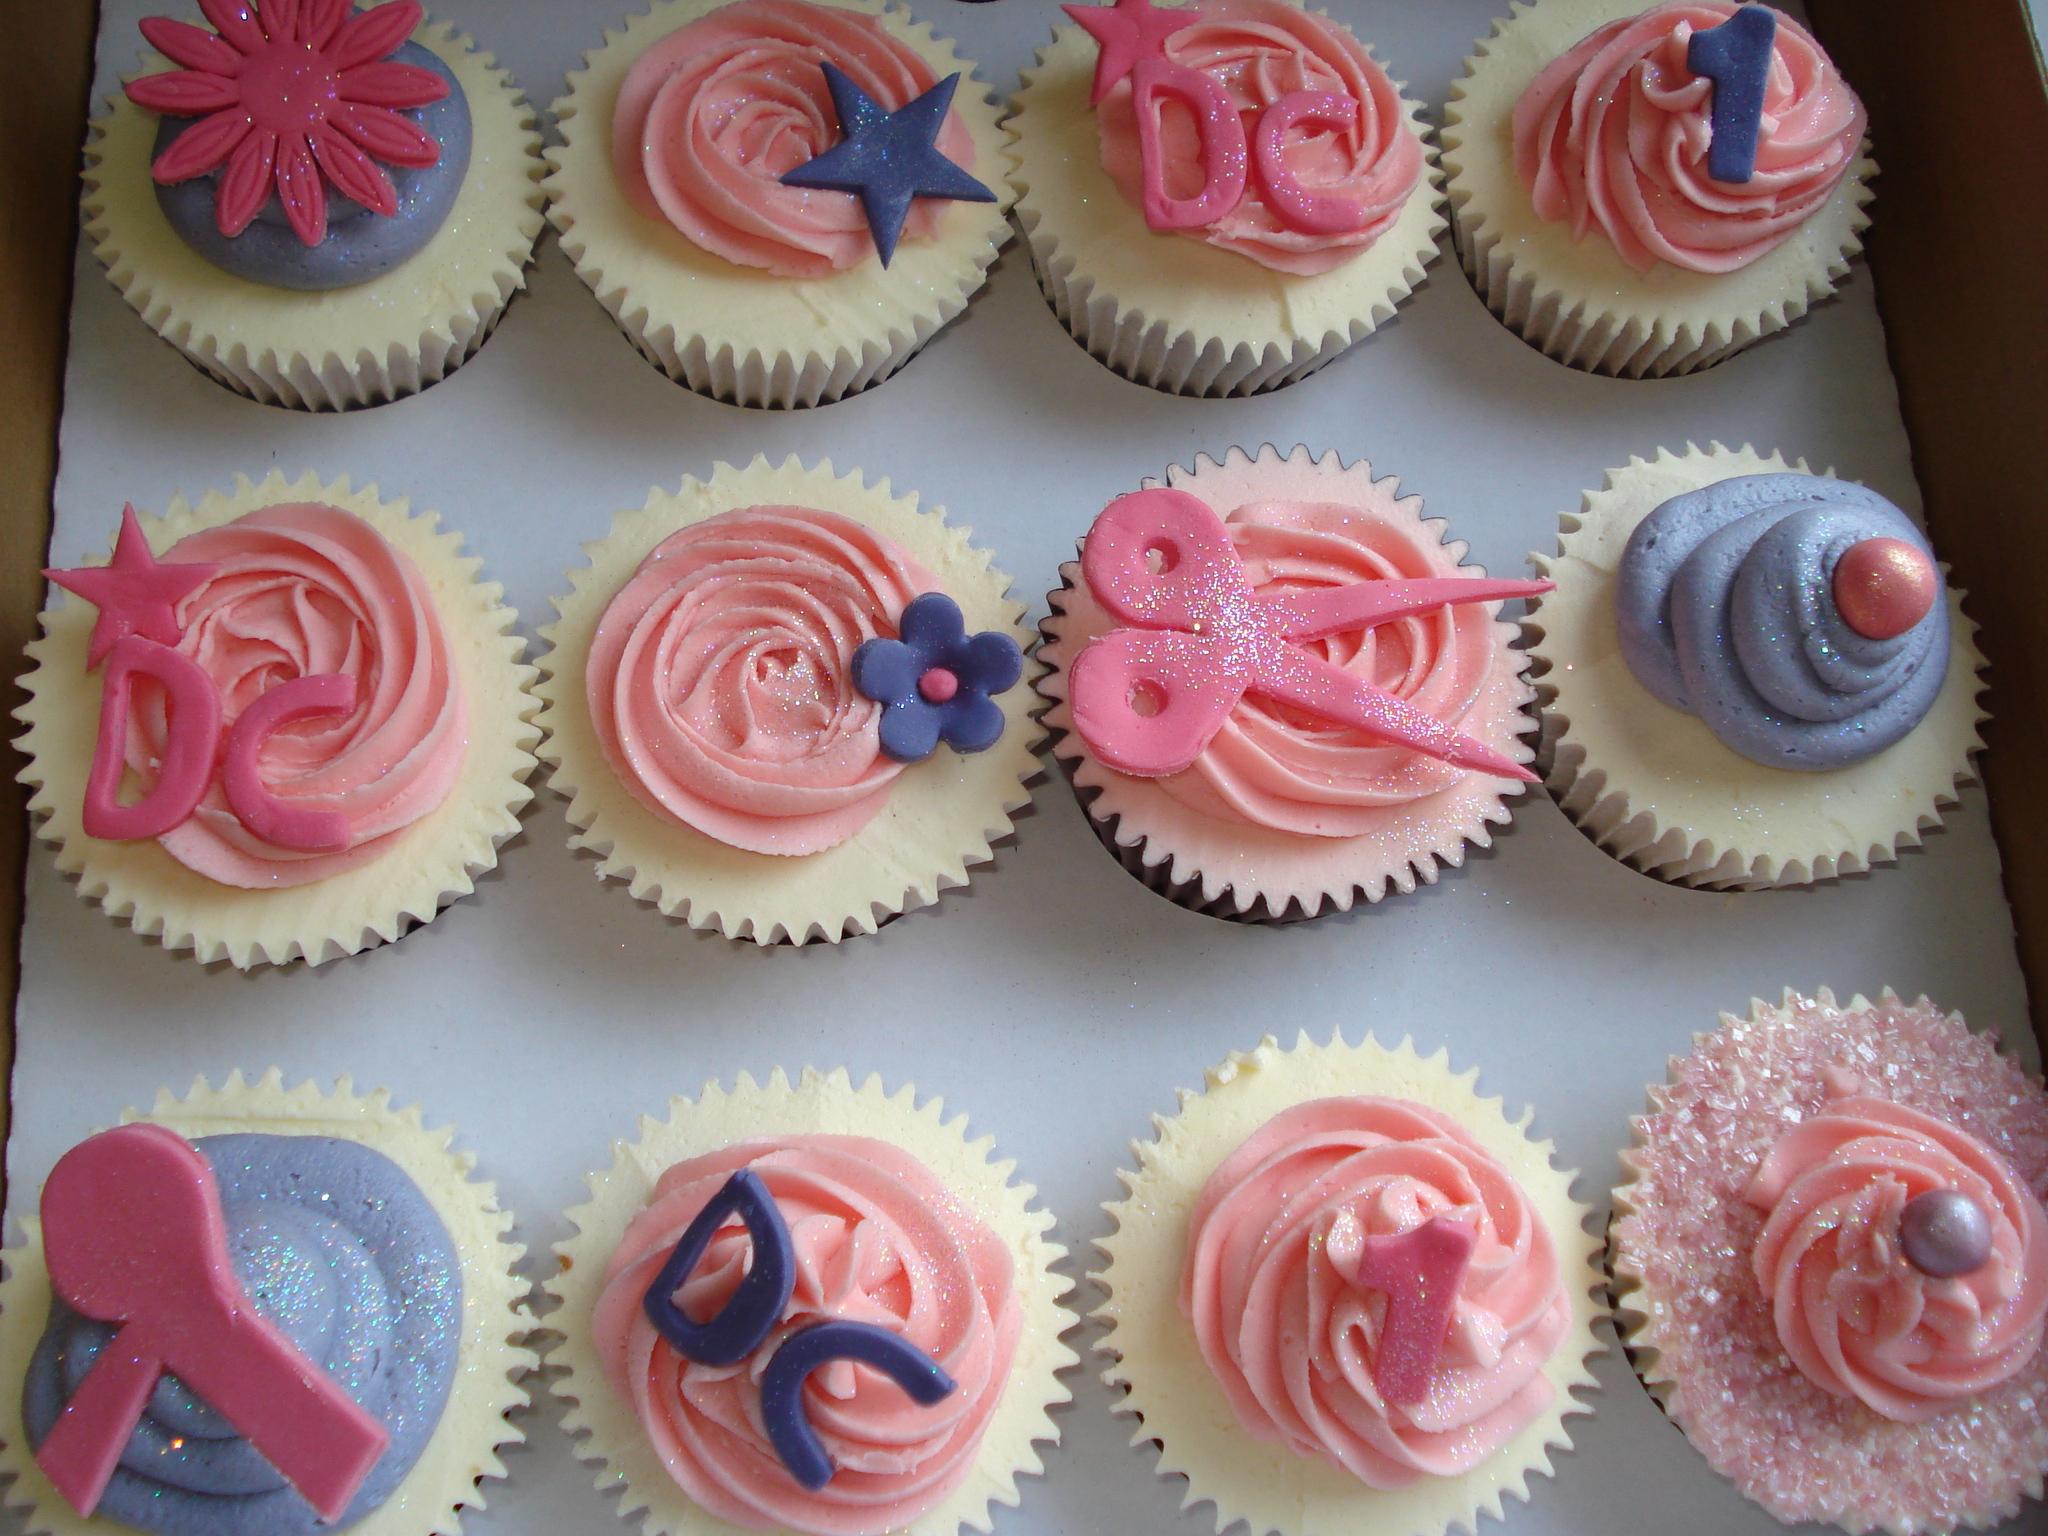 Hairsalon cupcakes